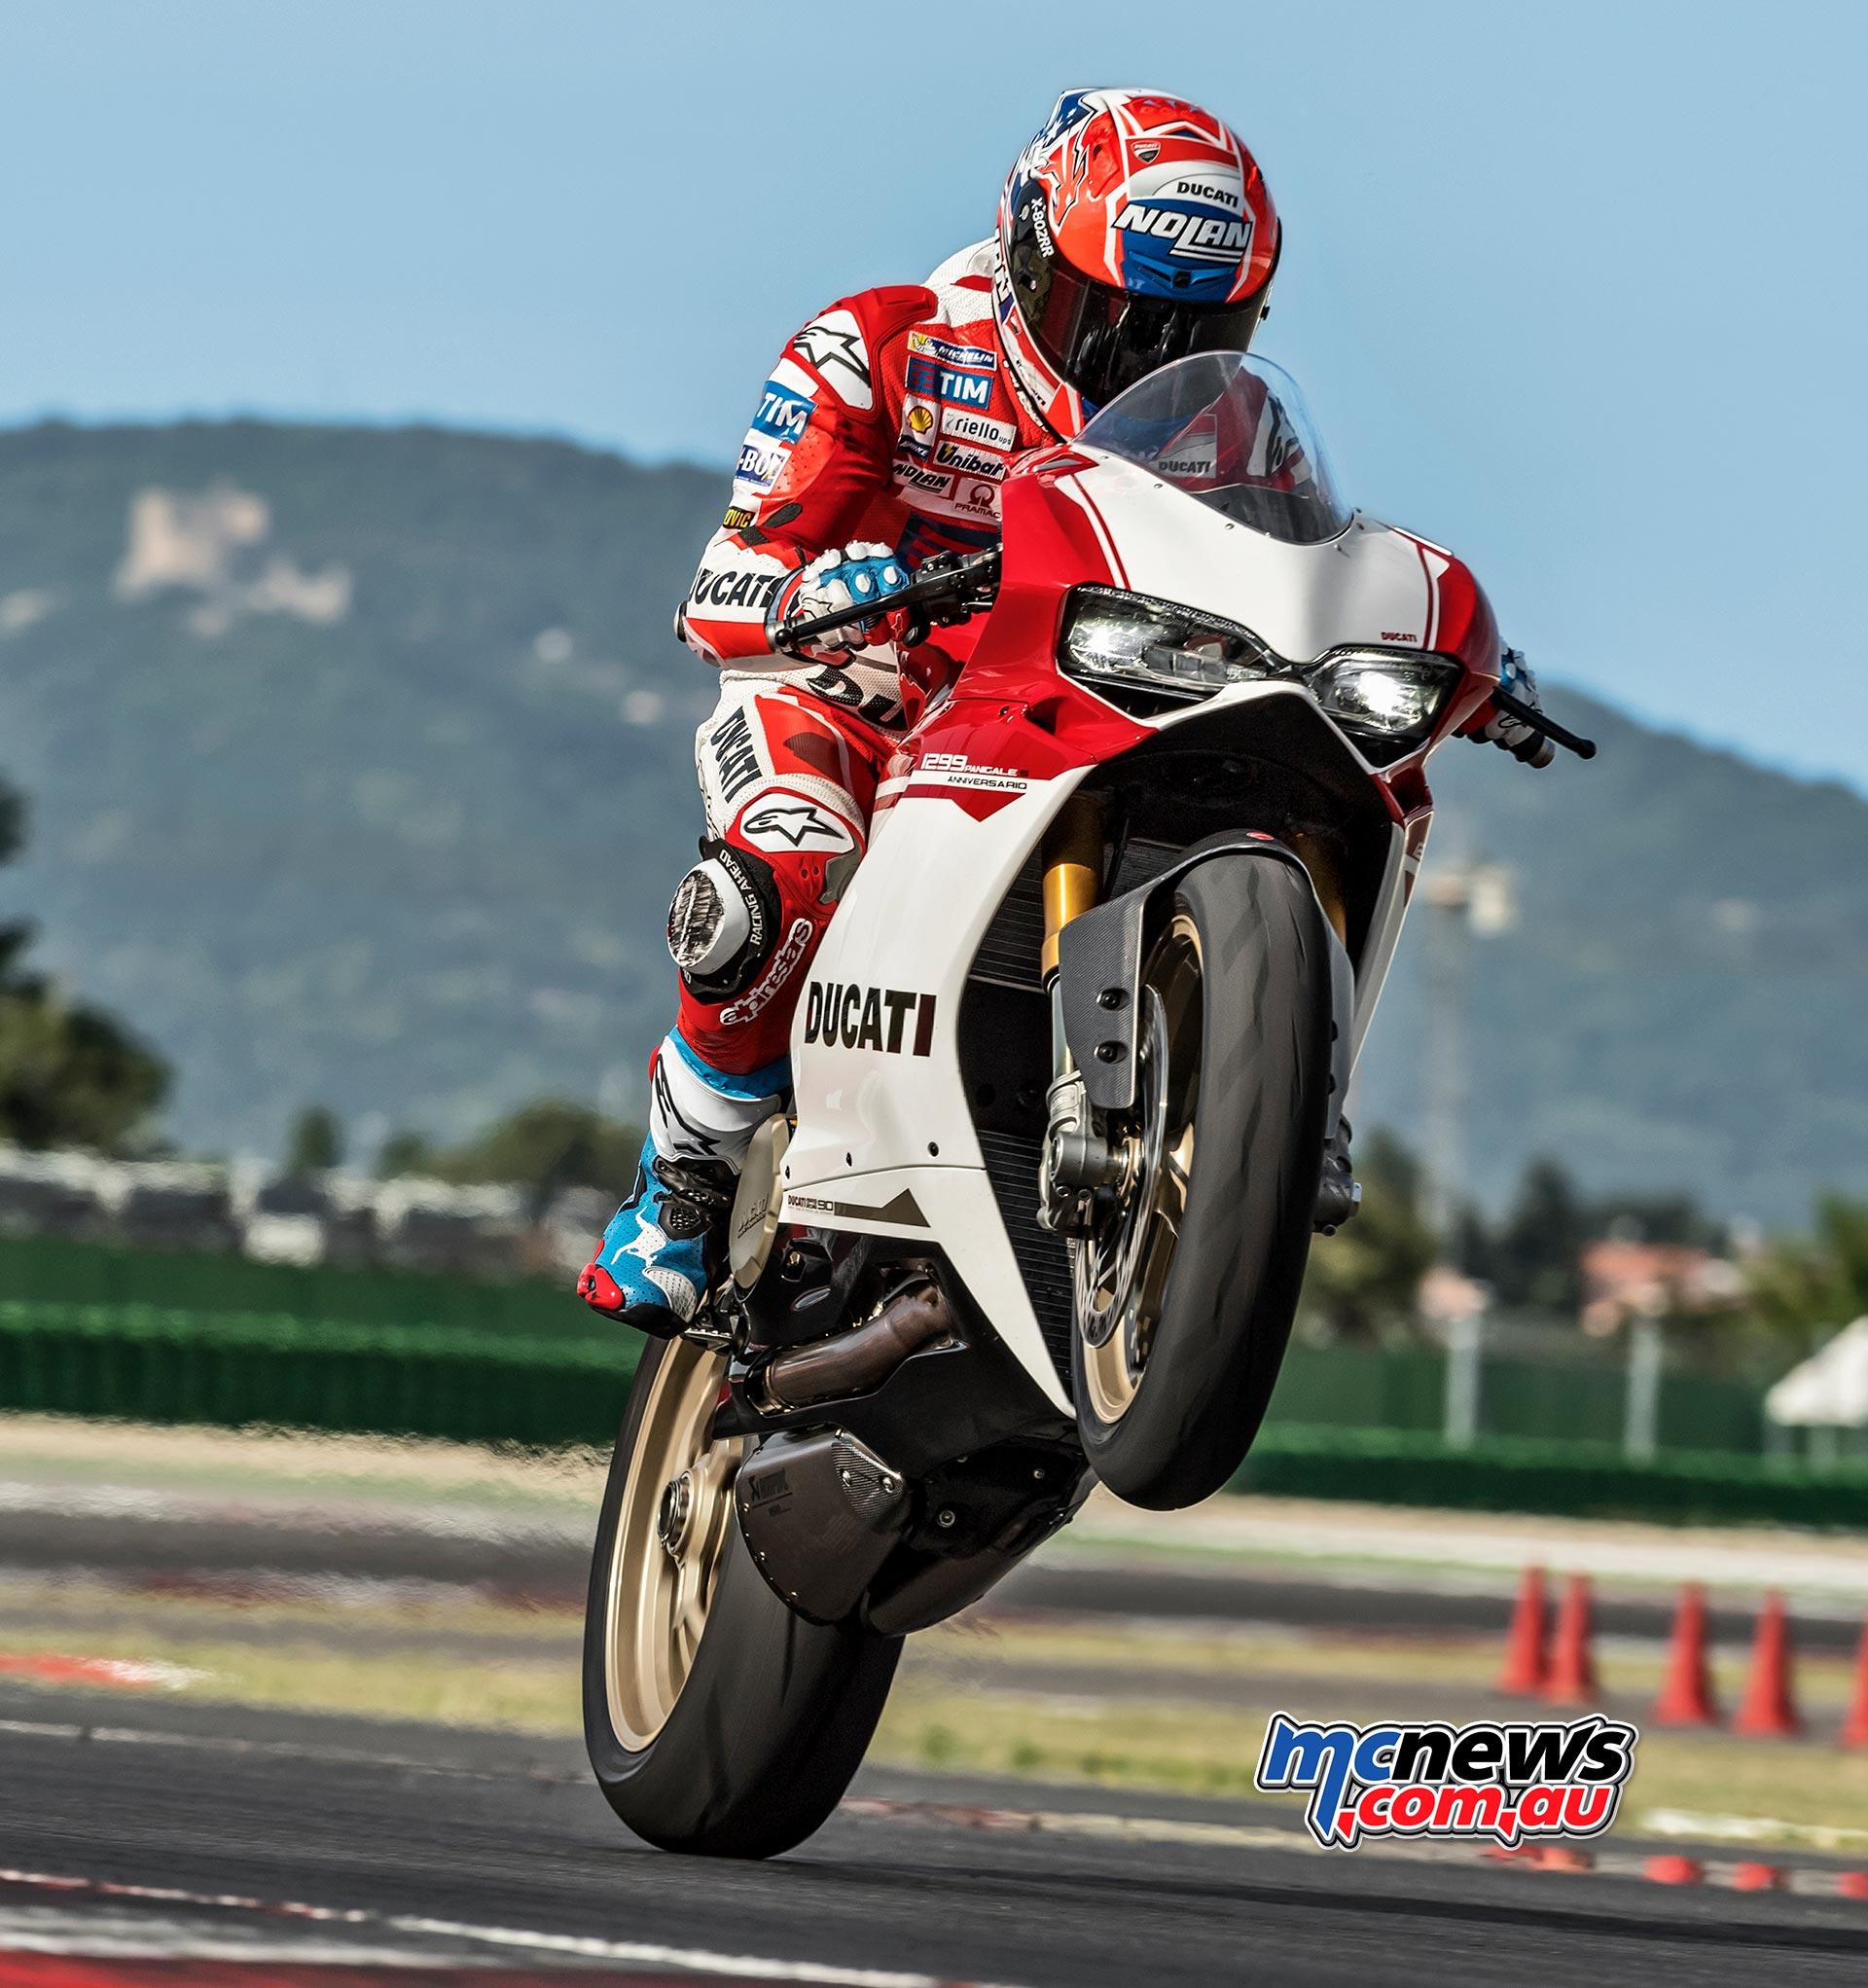 Ducati 1299 Panigale S Anniversario | MCNews.com.au